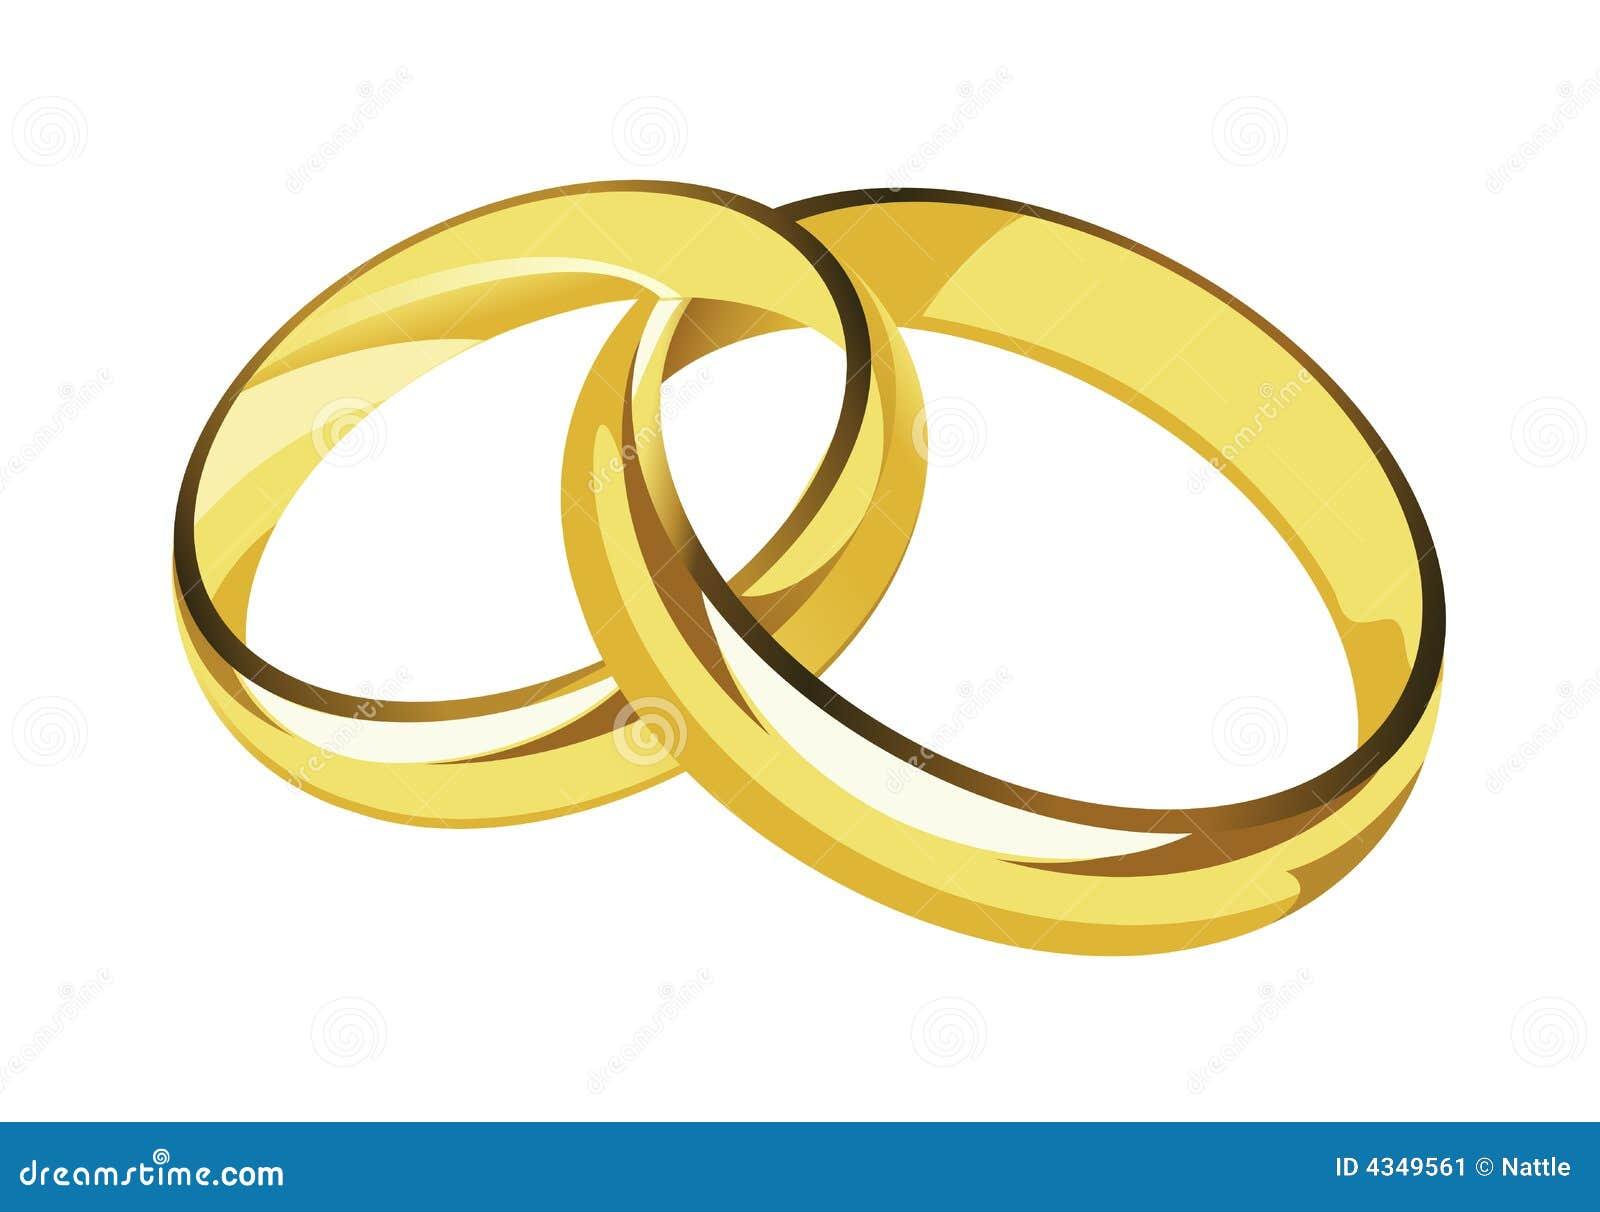 Eheringe clipart schwarz weiß  Hochzeitsringe Stockbild - Bild: 4349561